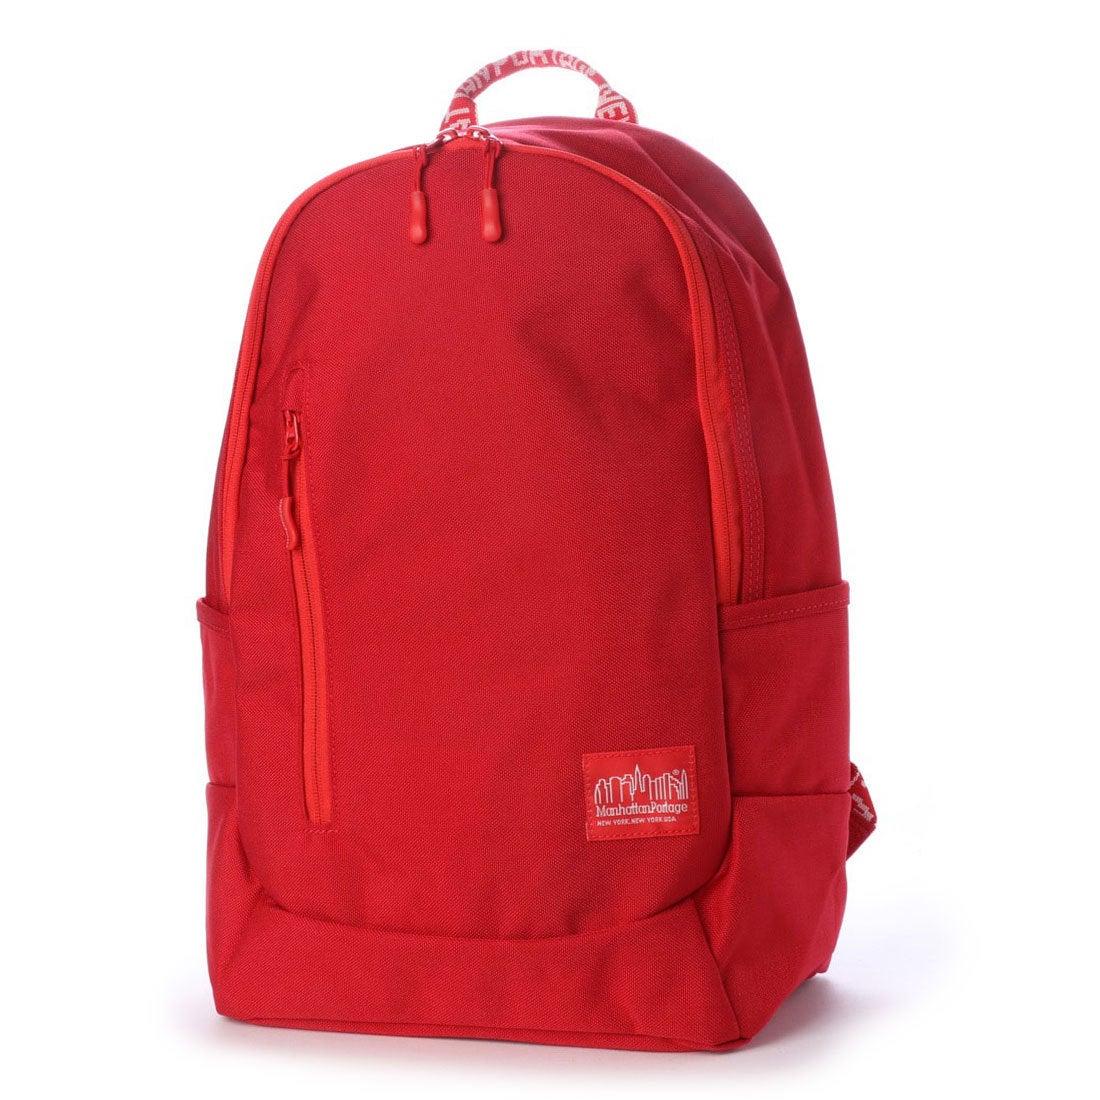 726aa541b846 マンハッタンポーテージ Manhattan Portage IDENT? Intrepid Backpack JR (Red) -靴&ファッション通販  ロコンド〜自宅で試着、気軽に返品